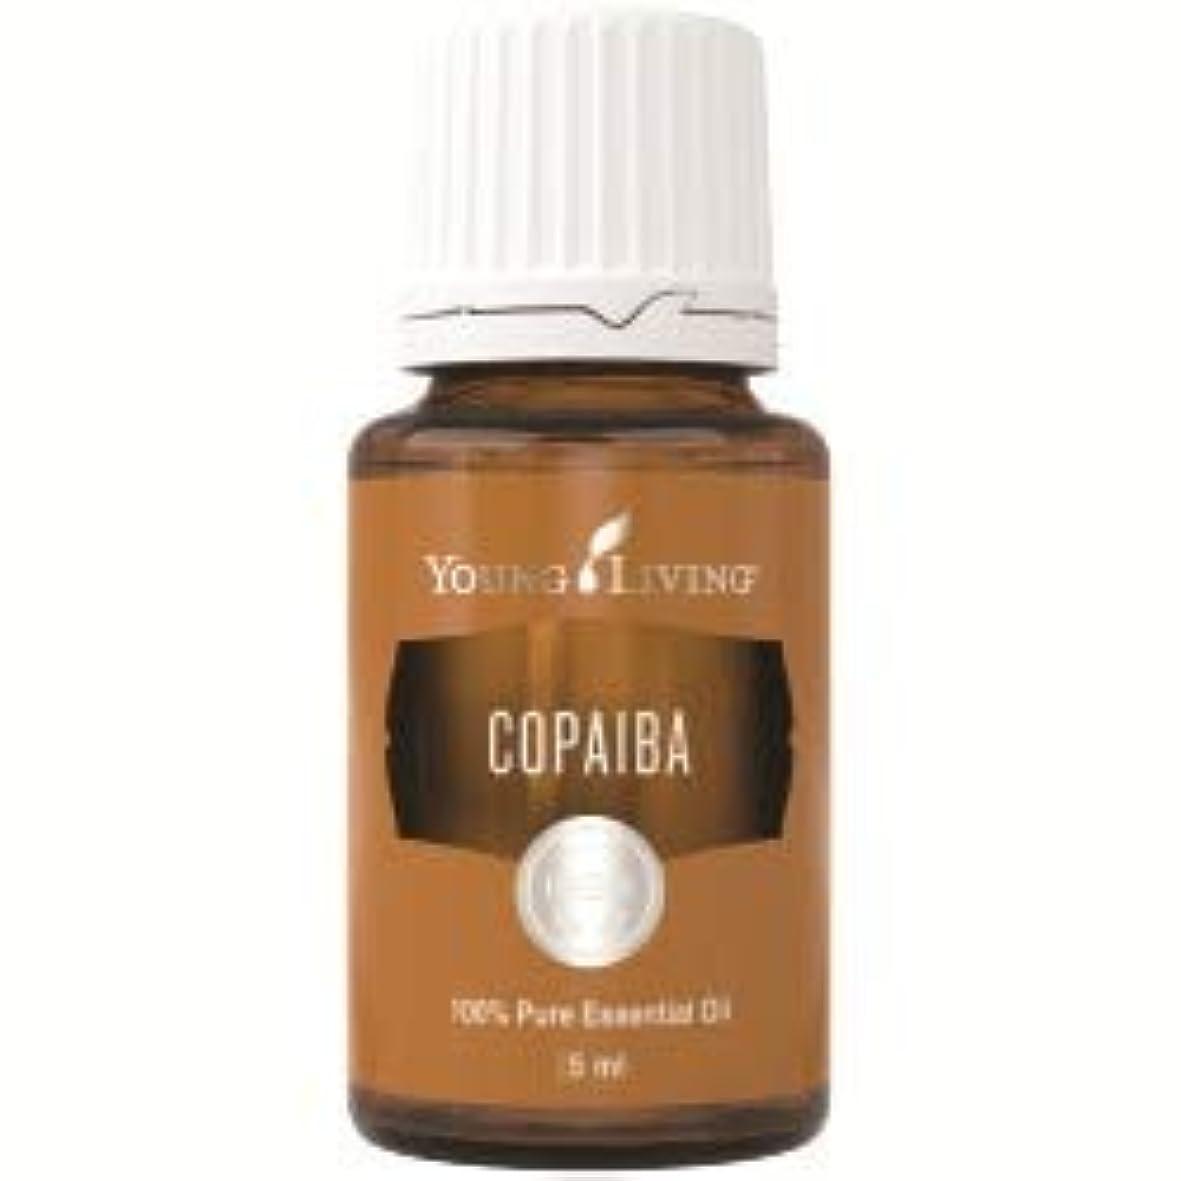 牛石フラッシュのように素早くコパイバエッセンシャルオイル ヤングリビングエッセンシャルオイルマレーシア5ml Copaiba Essential Oil 5ml by Young Living Essential Oil Malaysia